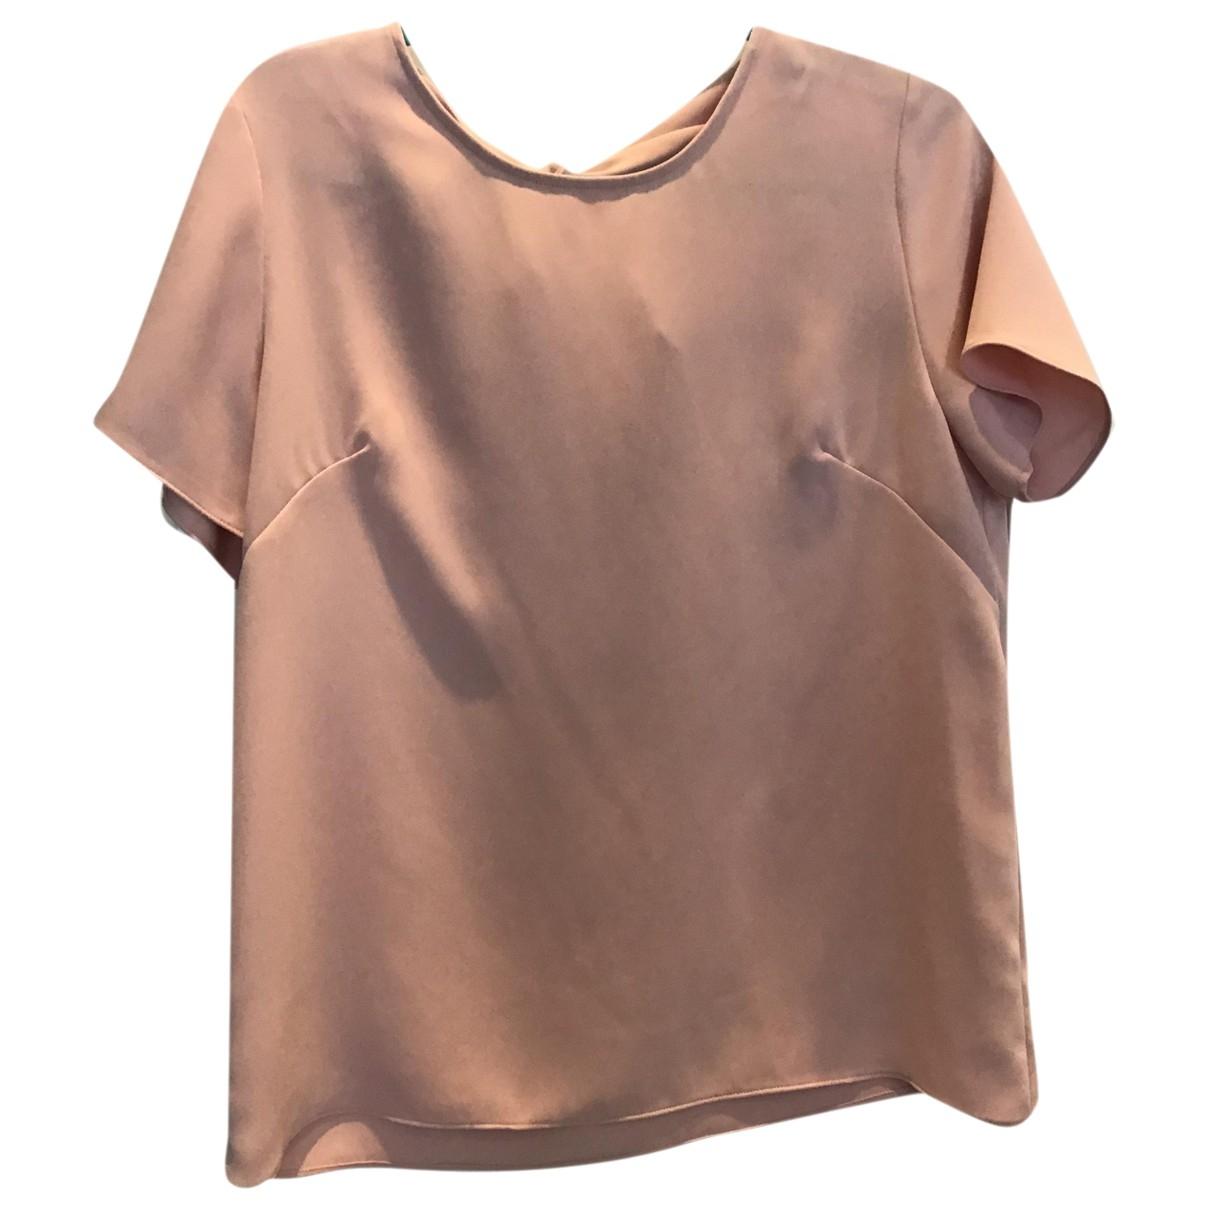 Parosh \N Pink  top for Women L International